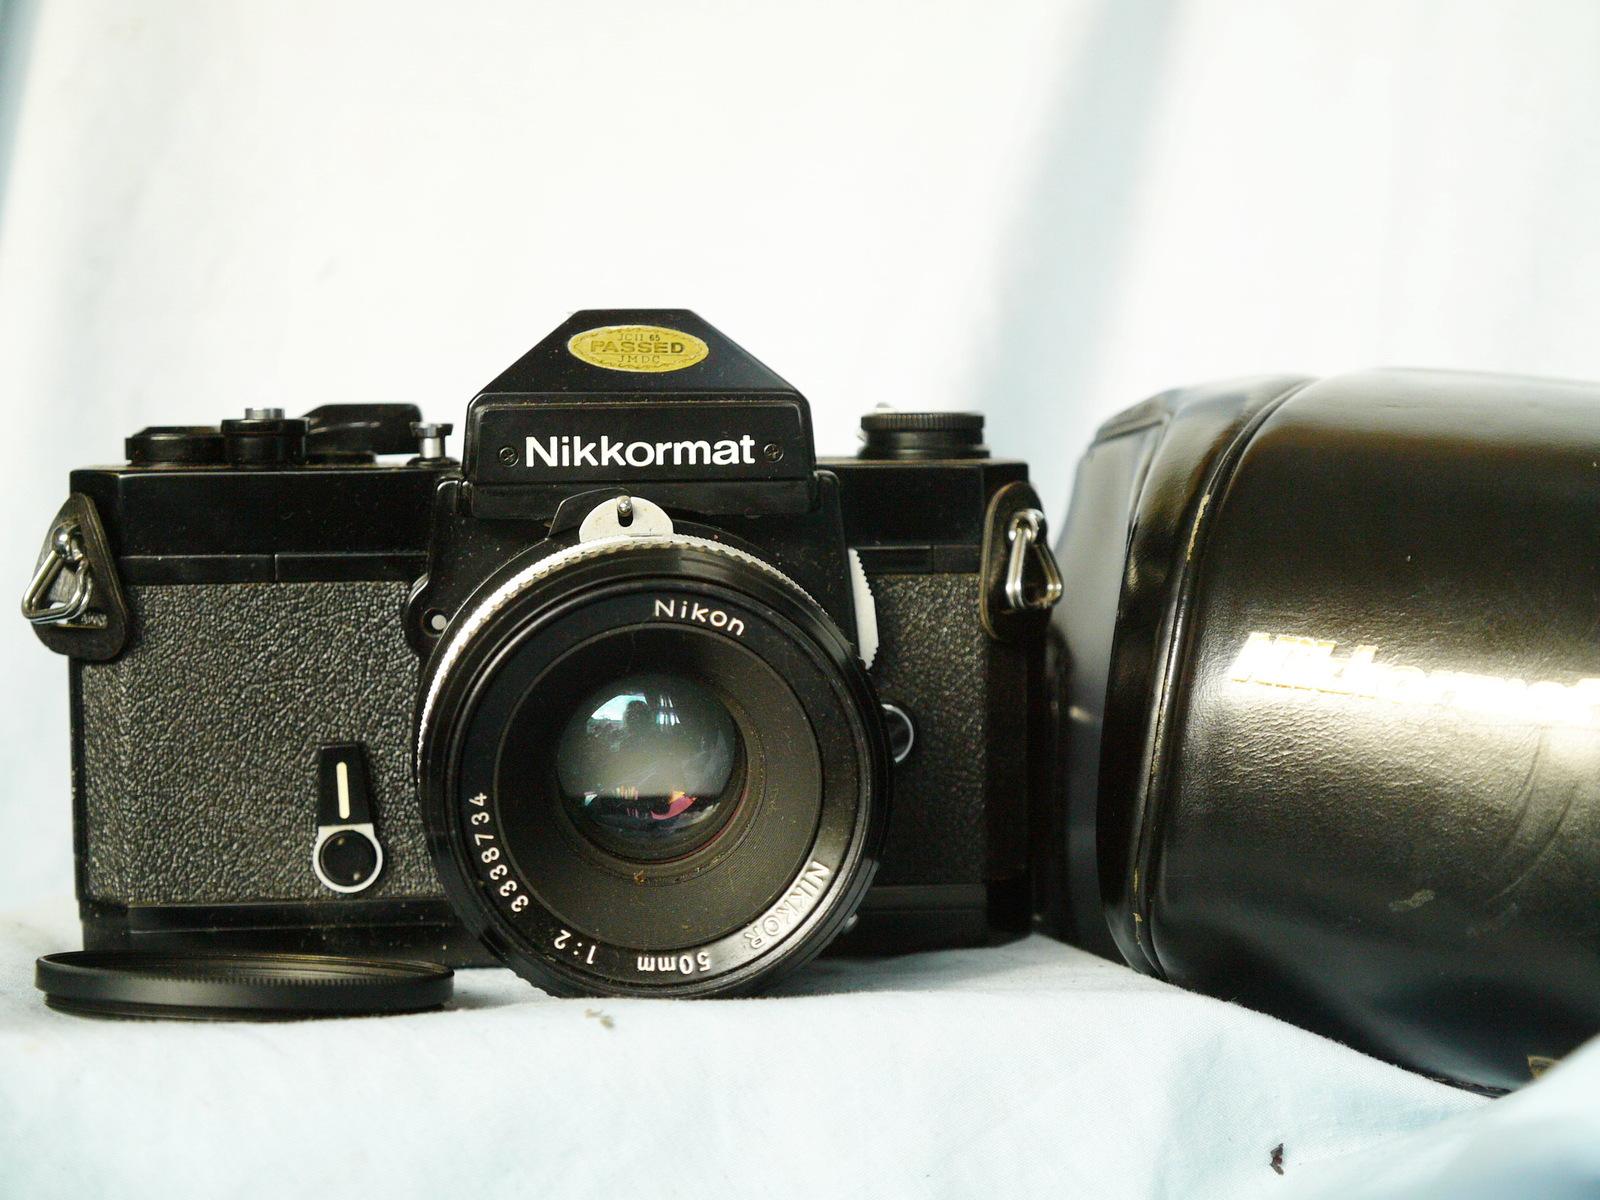 Nikon Nikkormat FT2 Mechanical SLR Camera c/w Nikkor 50mm Lens Cased  - Nice Set - $100.00